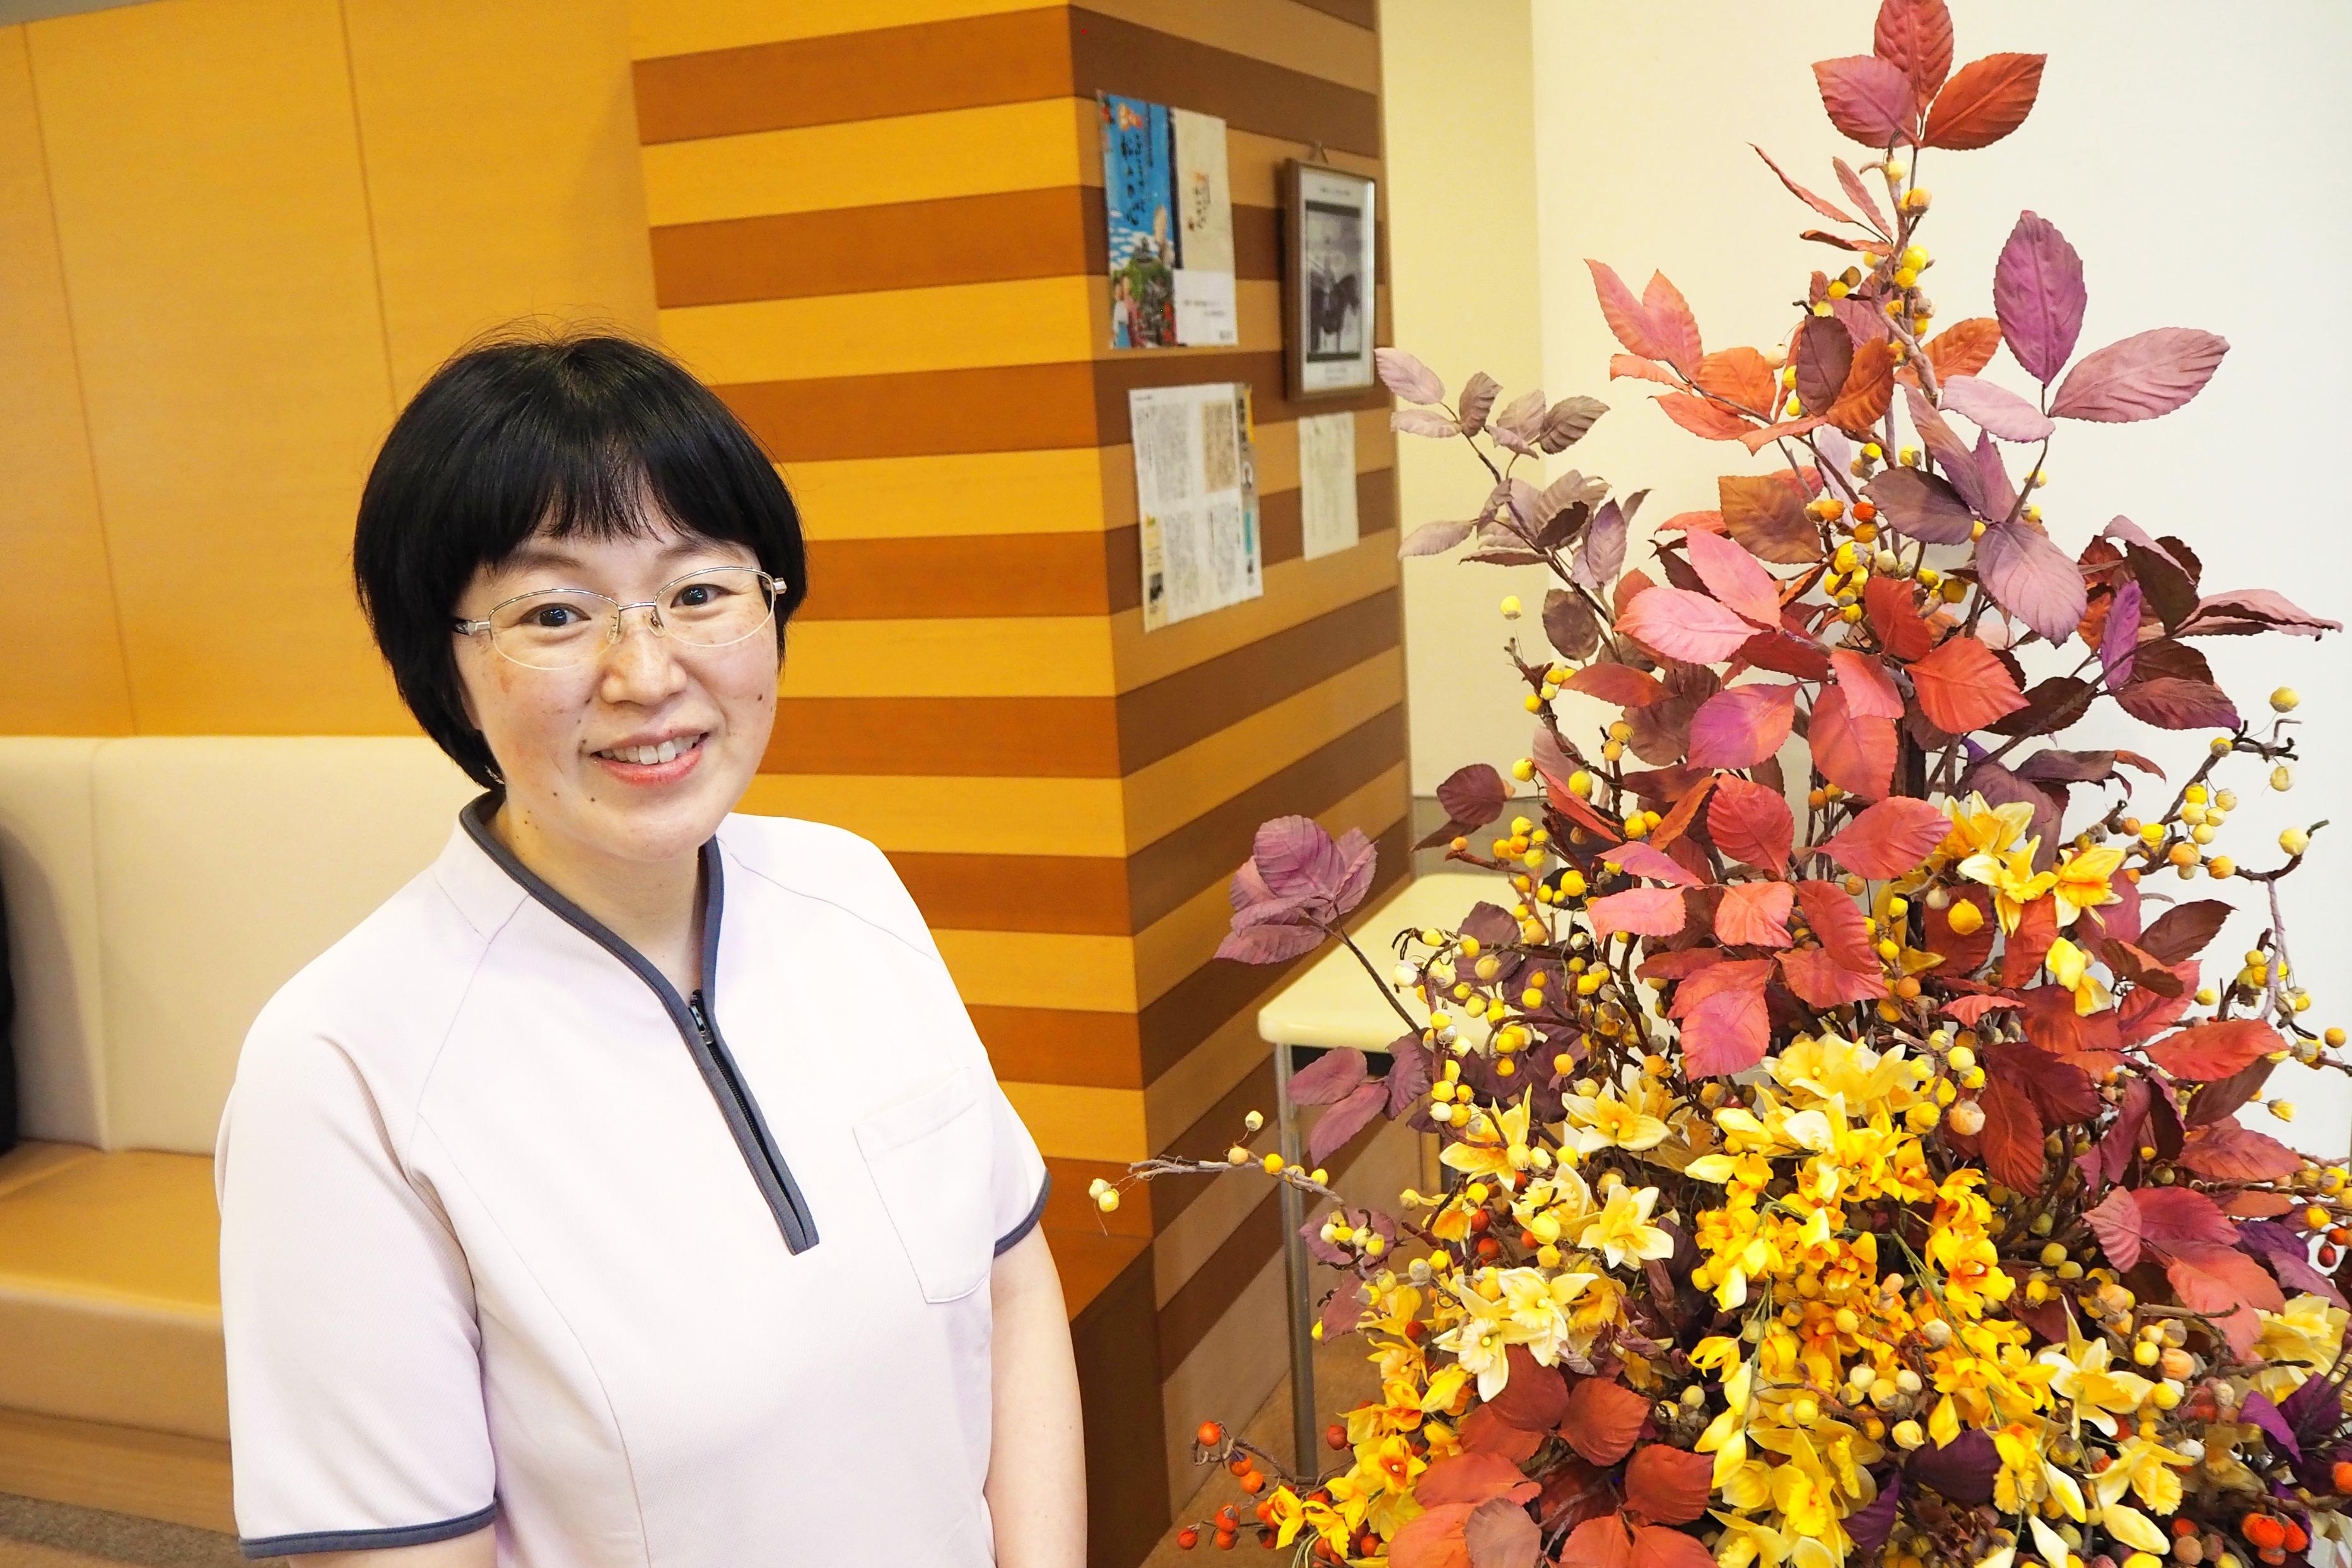 摂食嚥下障害に対する支援を提案し続ける、松山リハビリテーション病院言語療法科